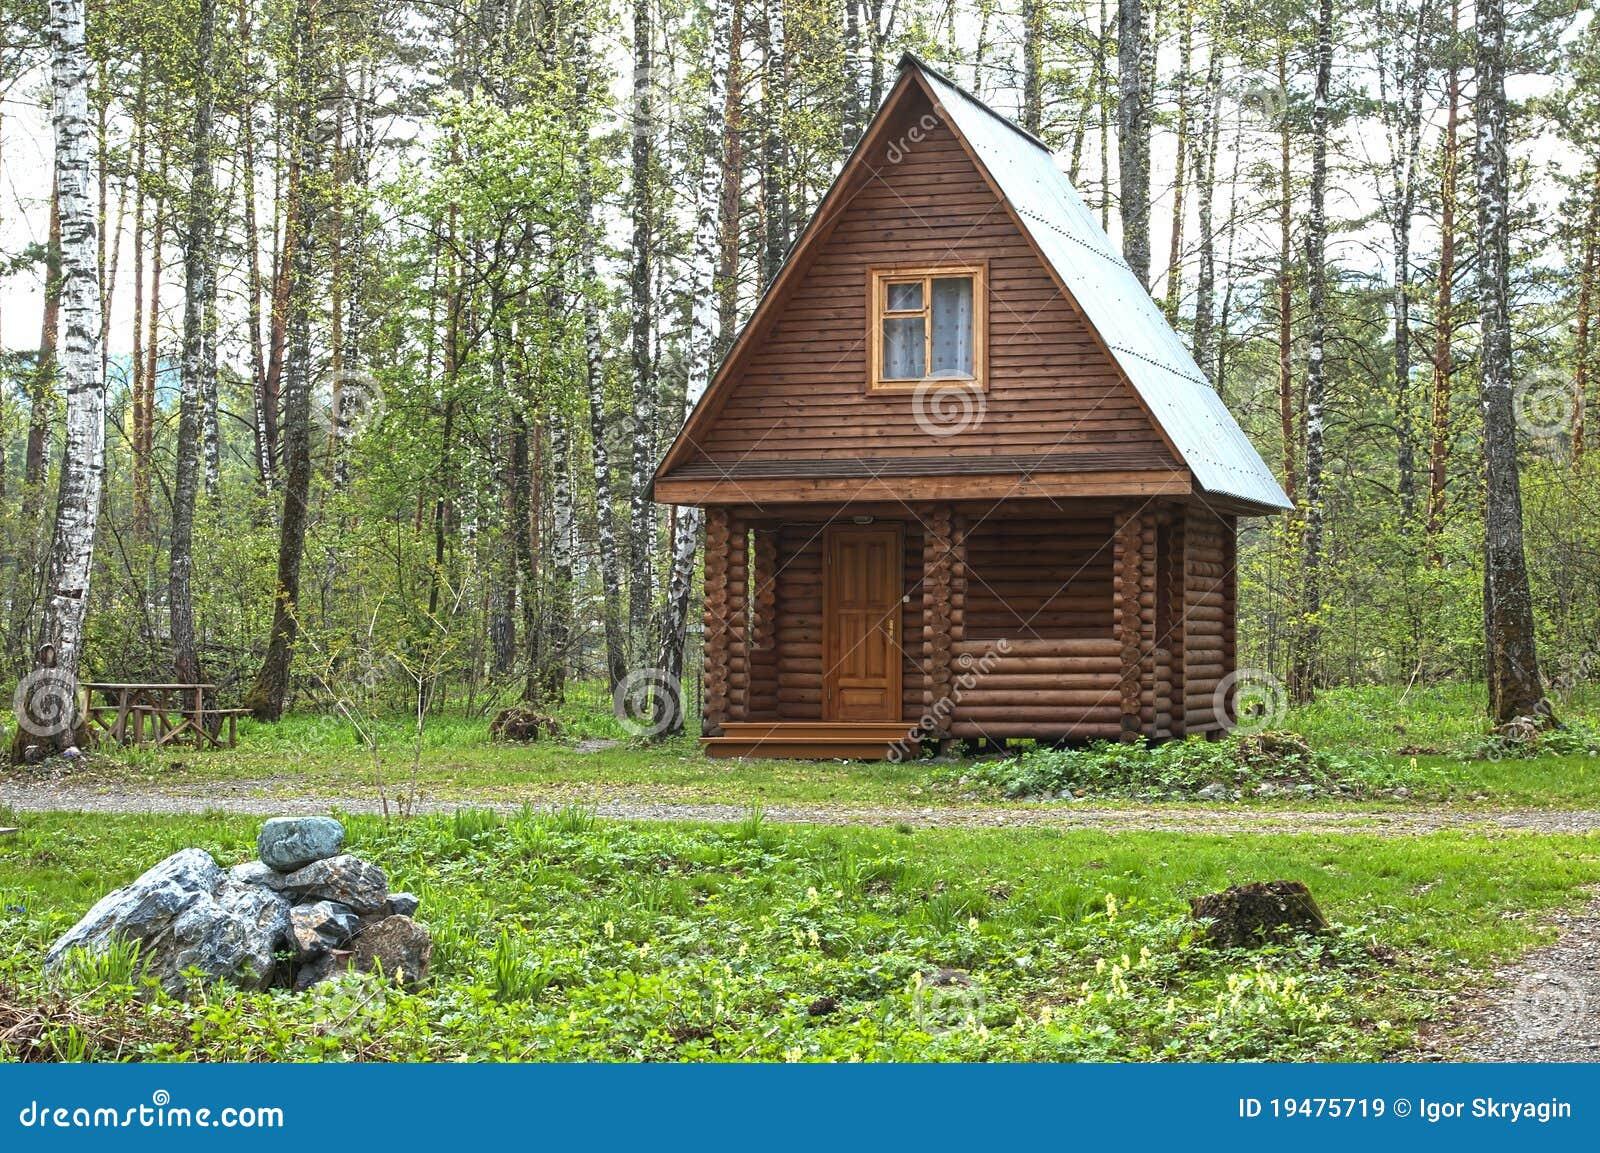 petite maison en bois dans un bois image stock image du jardins frais 19475719. Black Bedroom Furniture Sets. Home Design Ideas